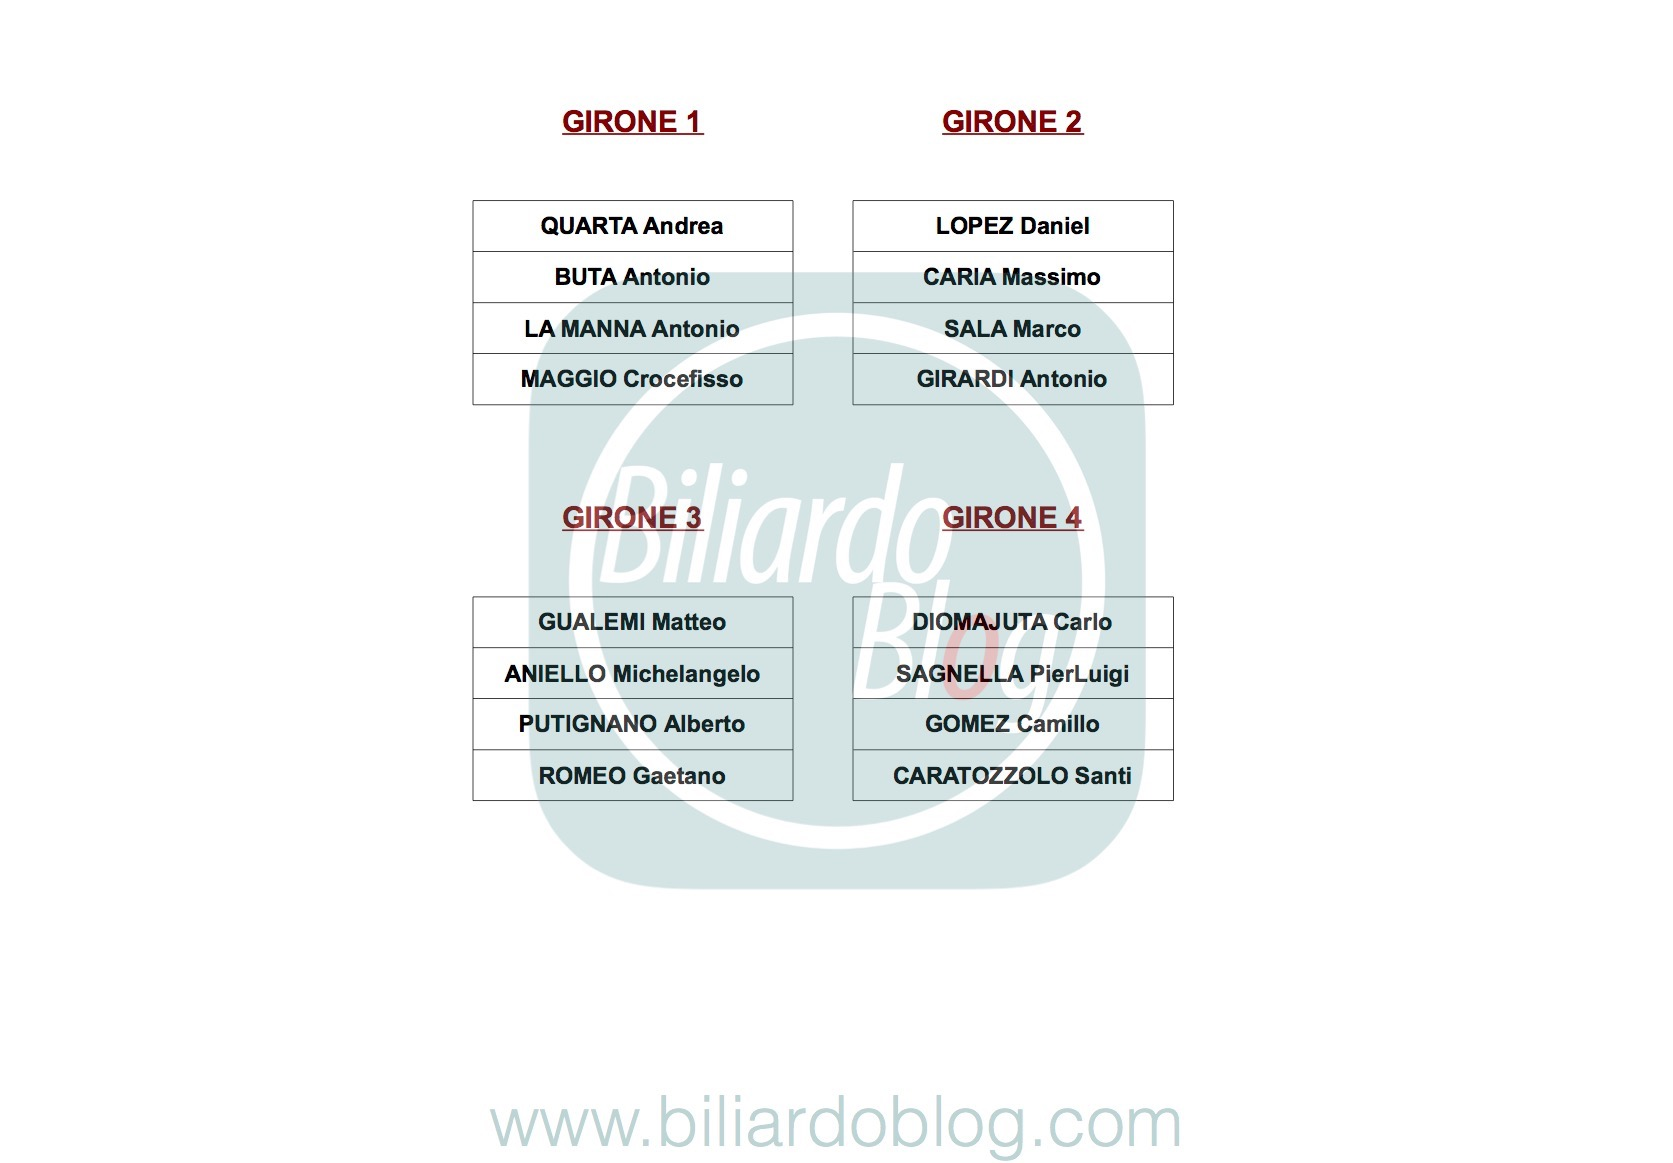 Seconda Tappa Campionato Biliardo 2017 2018: i Gironi Pro